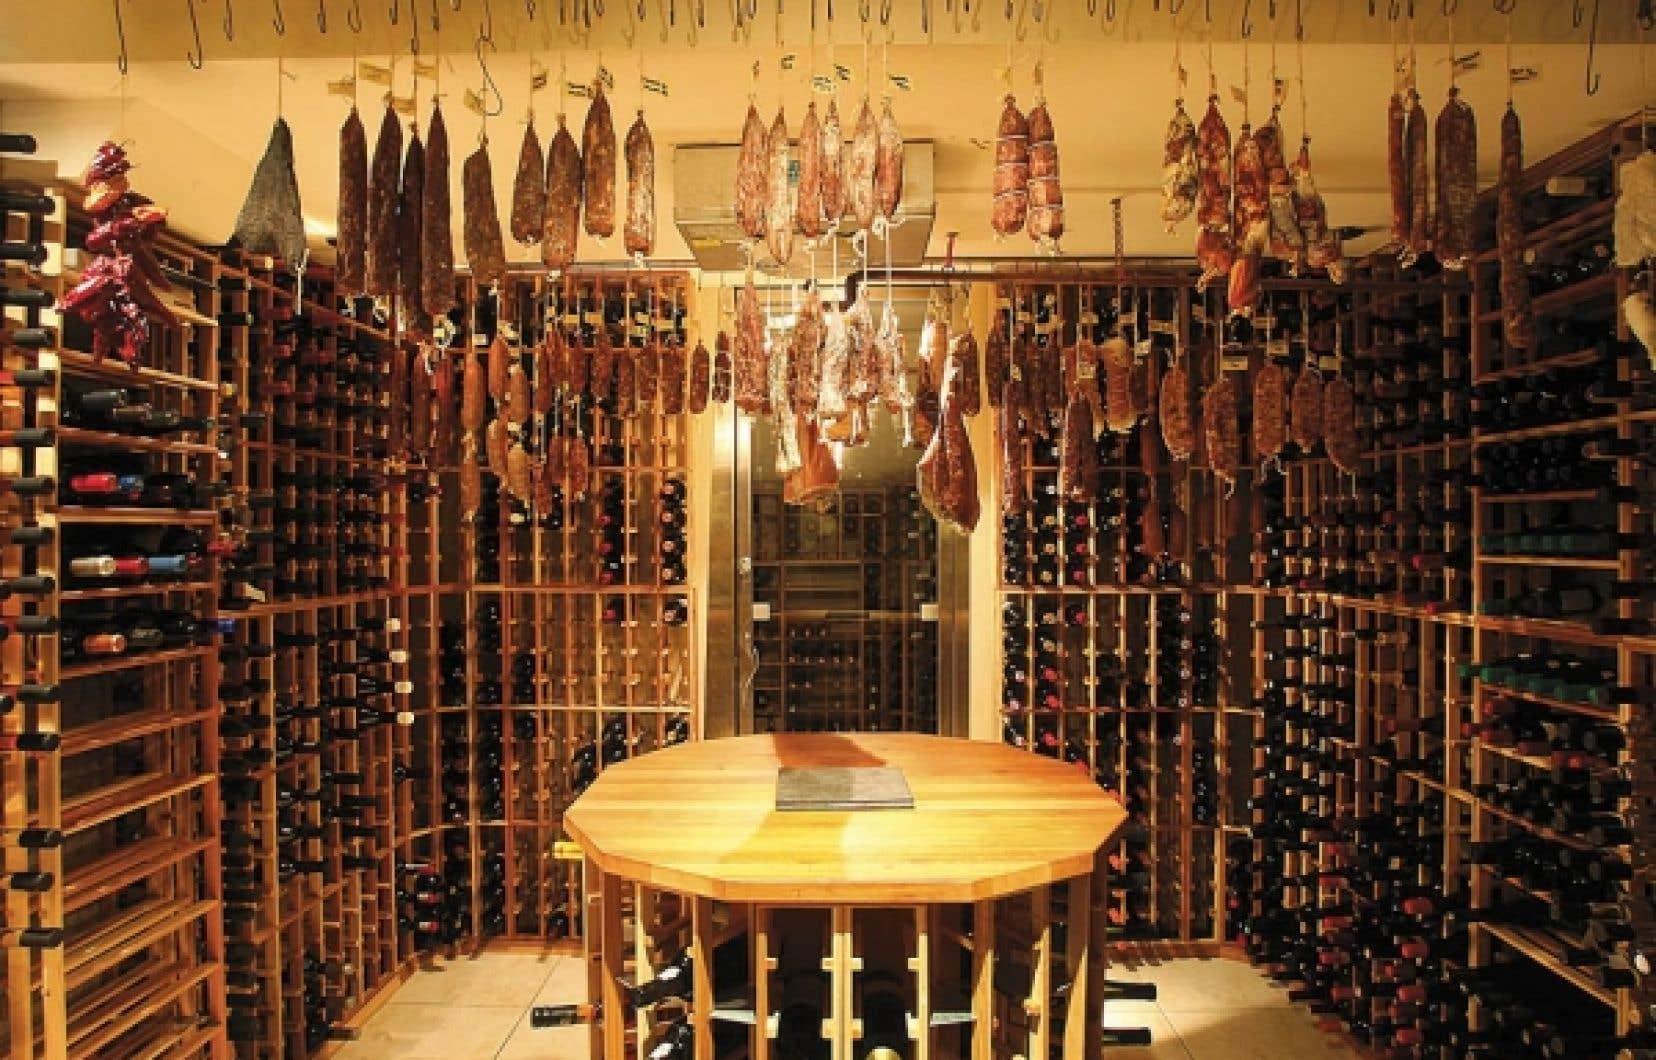 Le restaurant DNA propose un voyage gastronomique avec ses vins et ses charcuteries maison.